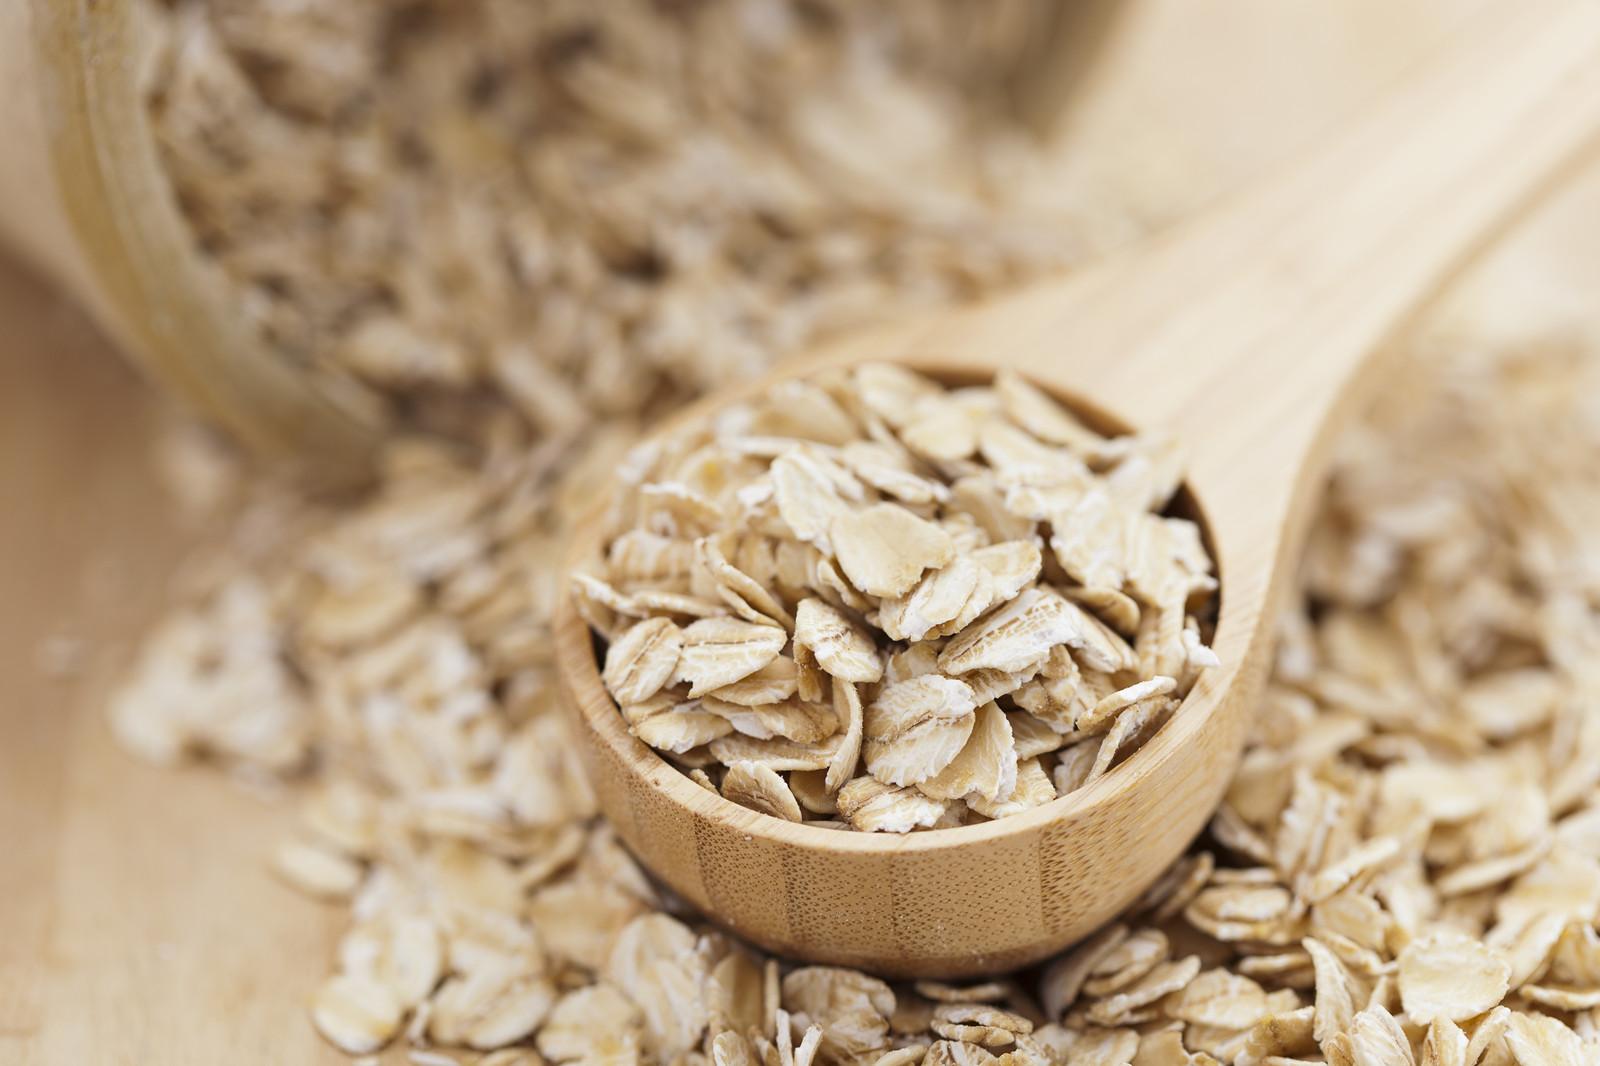 Thực phẩm giảm cân trong mùa đông hiệu quả, bạn đã biết?2